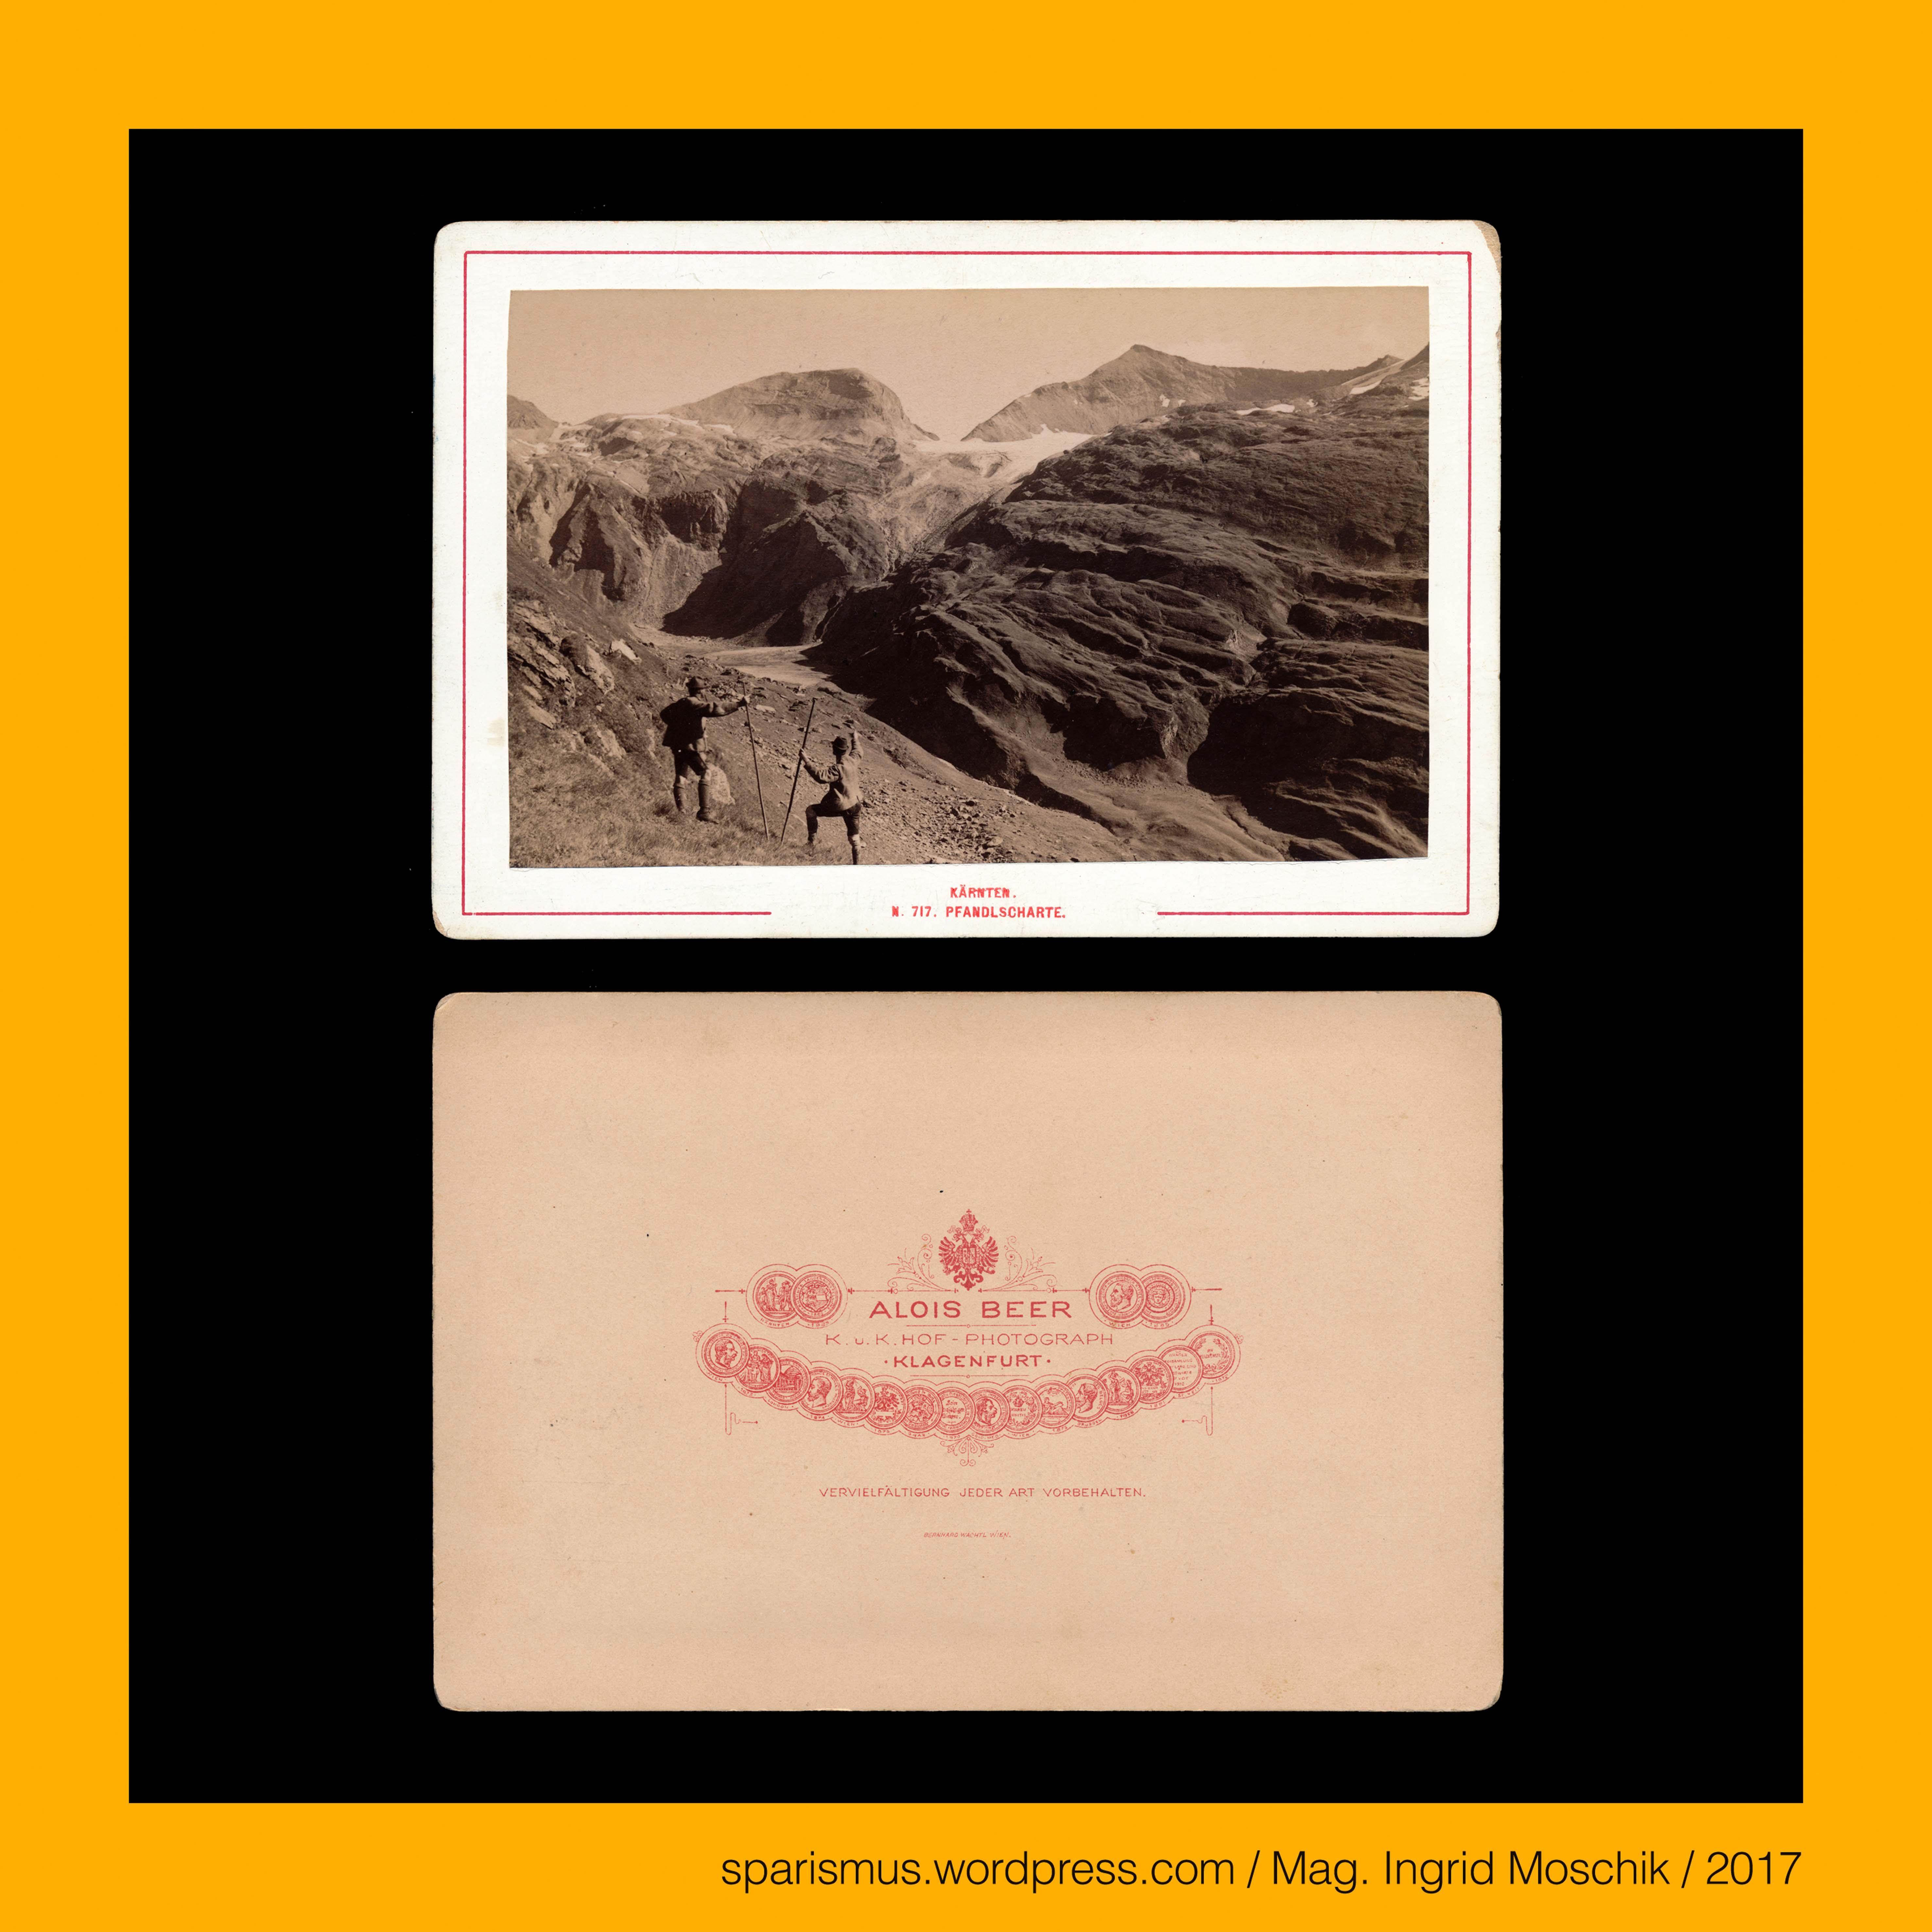 Alois Beer in Klagenfurt cc 717 1885 Pfandlscharte Hohe Tauern Glocknergruppe zwei Wanderer im Vordergrund